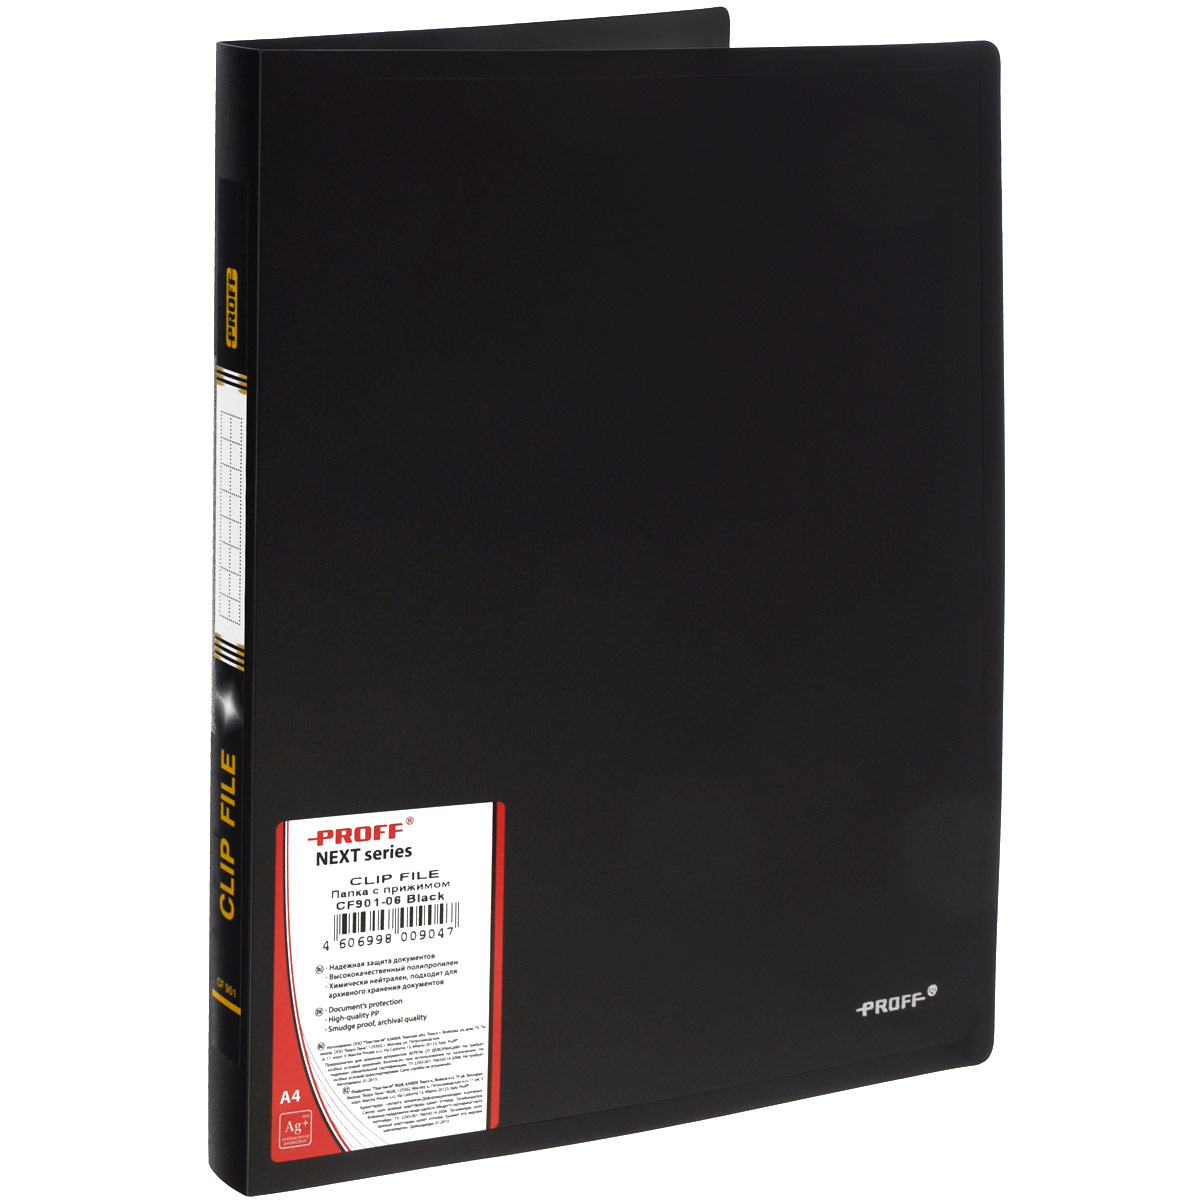 Папка с боковым зажимом Proff Next, цвет: черный. Формат А4. CF901-06CF901-06Папка с боковым зажимом Proff Next - это удобный и практичный офисный инструмент, предназначенный для хранения и транспортировки рабочих бумаг и документов формата А4. Папка изготовлена из высококачественного плотного полипропилена и оснащена металлическим зажимом, который не повреждает бумагу.Папка с боковым зажимом - это незаменимый атрибут для студента, школьника, офисного работника. Такая папка надежно сохранит ваши документы и сбережет их от повреждений, пыли и влаги.